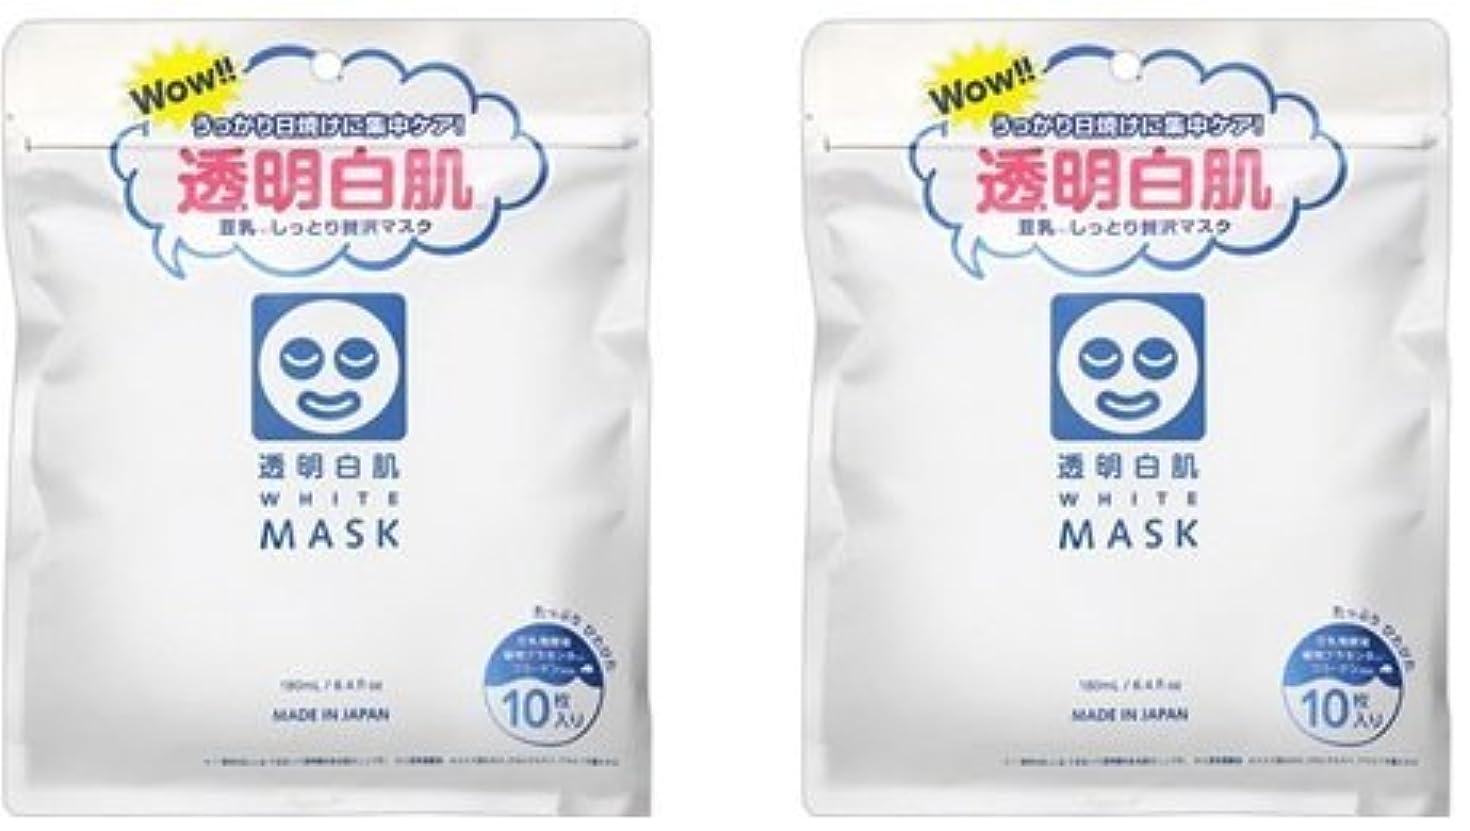 メディカル法令ディレイ2個セット 透明白肌 ホワイトマスクN 10枚入 豆乳しっとり贅沢 日本産フェイスマスク×2